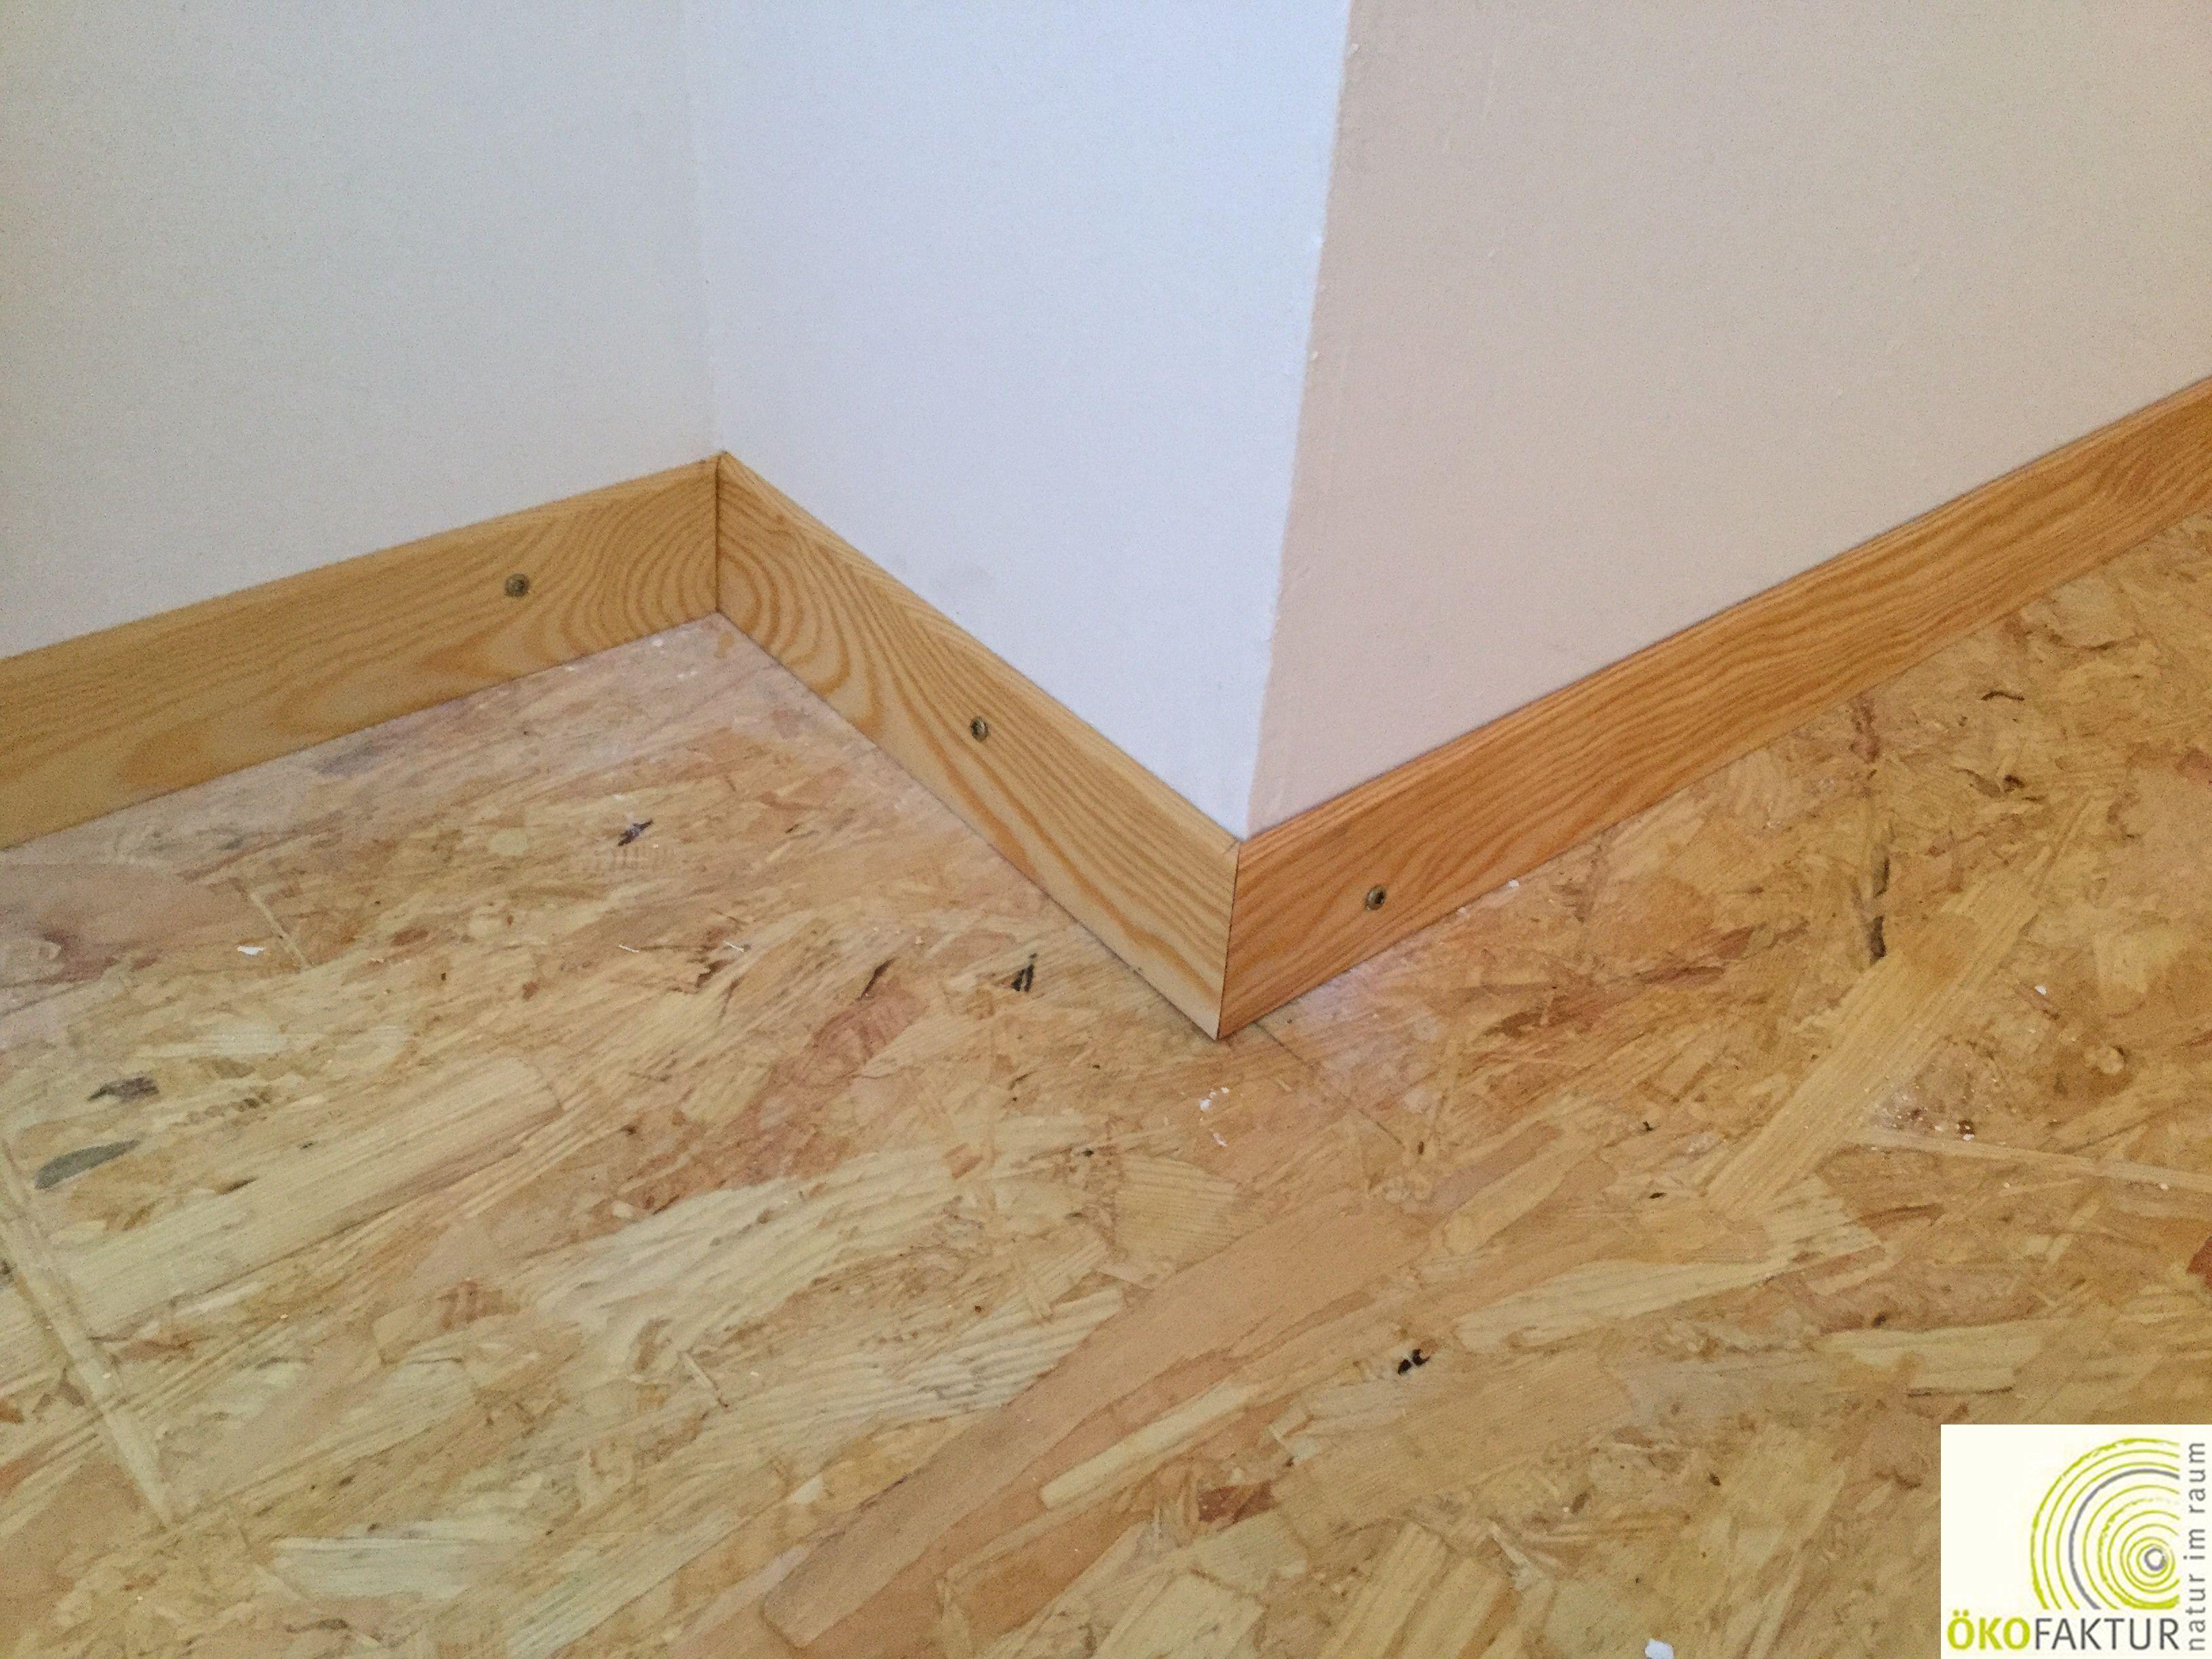 dachboden ausbauen fu boden osb osb platten fliesen boox pw. Black Bedroom Furniture Sets. Home Design Ideas